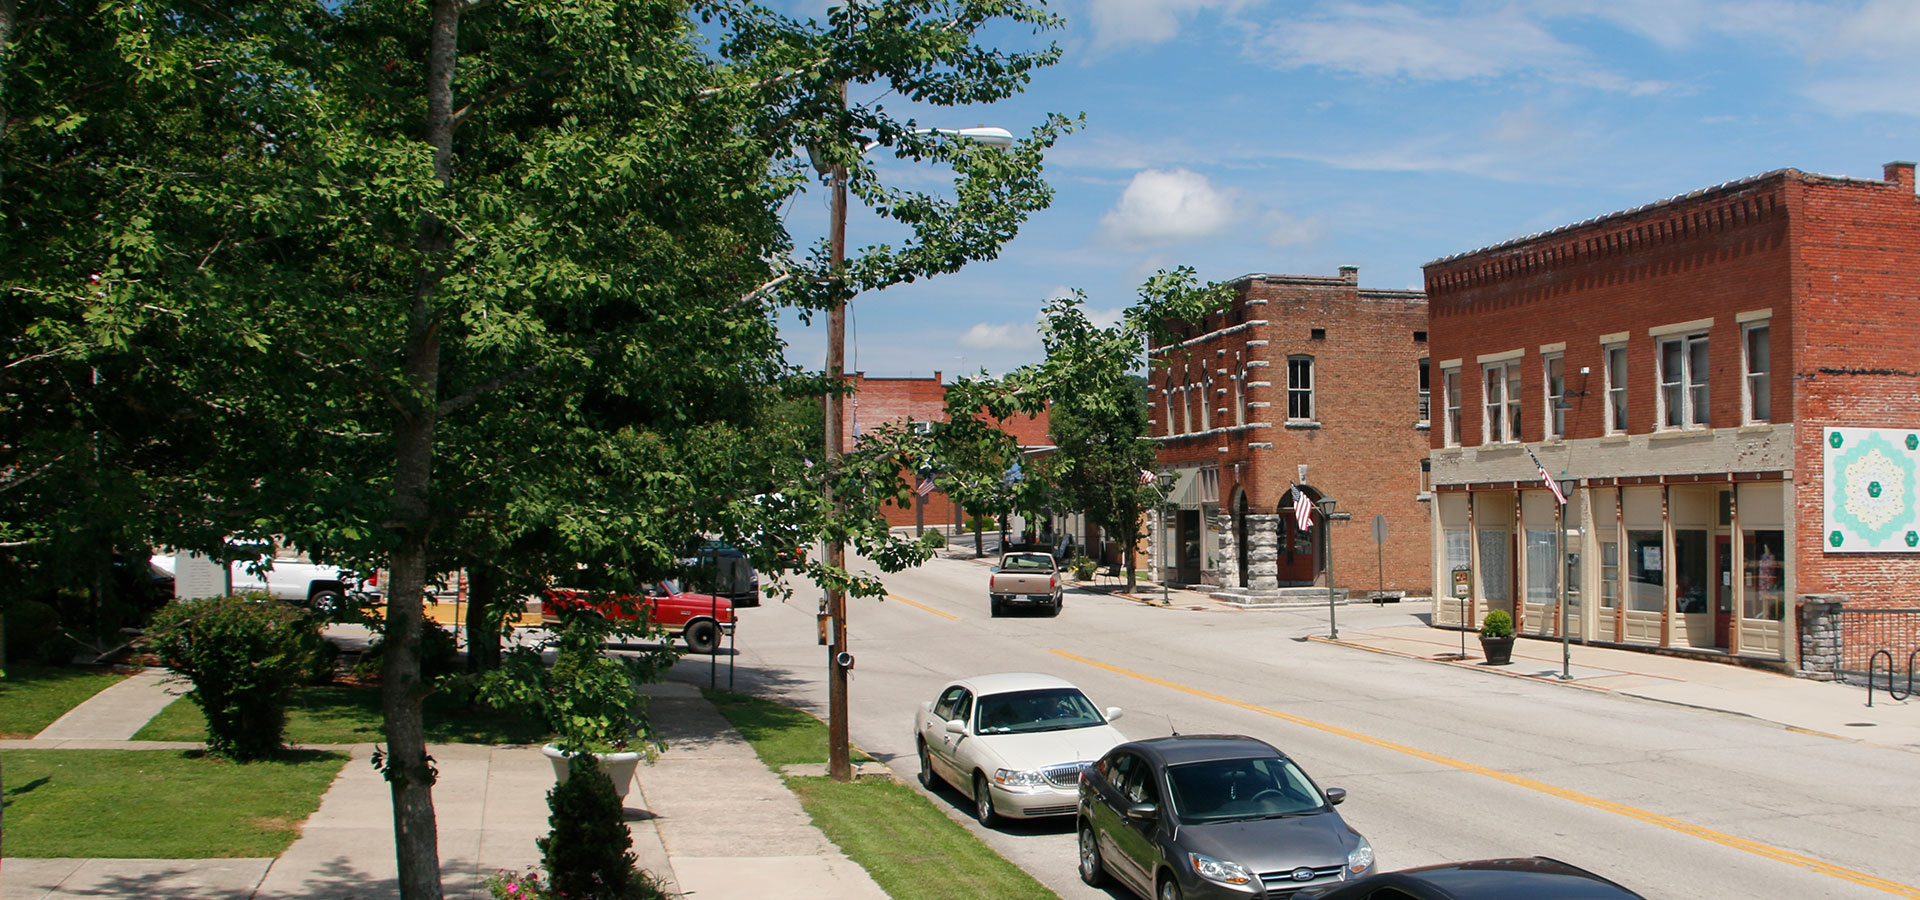 Mt. Vernon Main Street